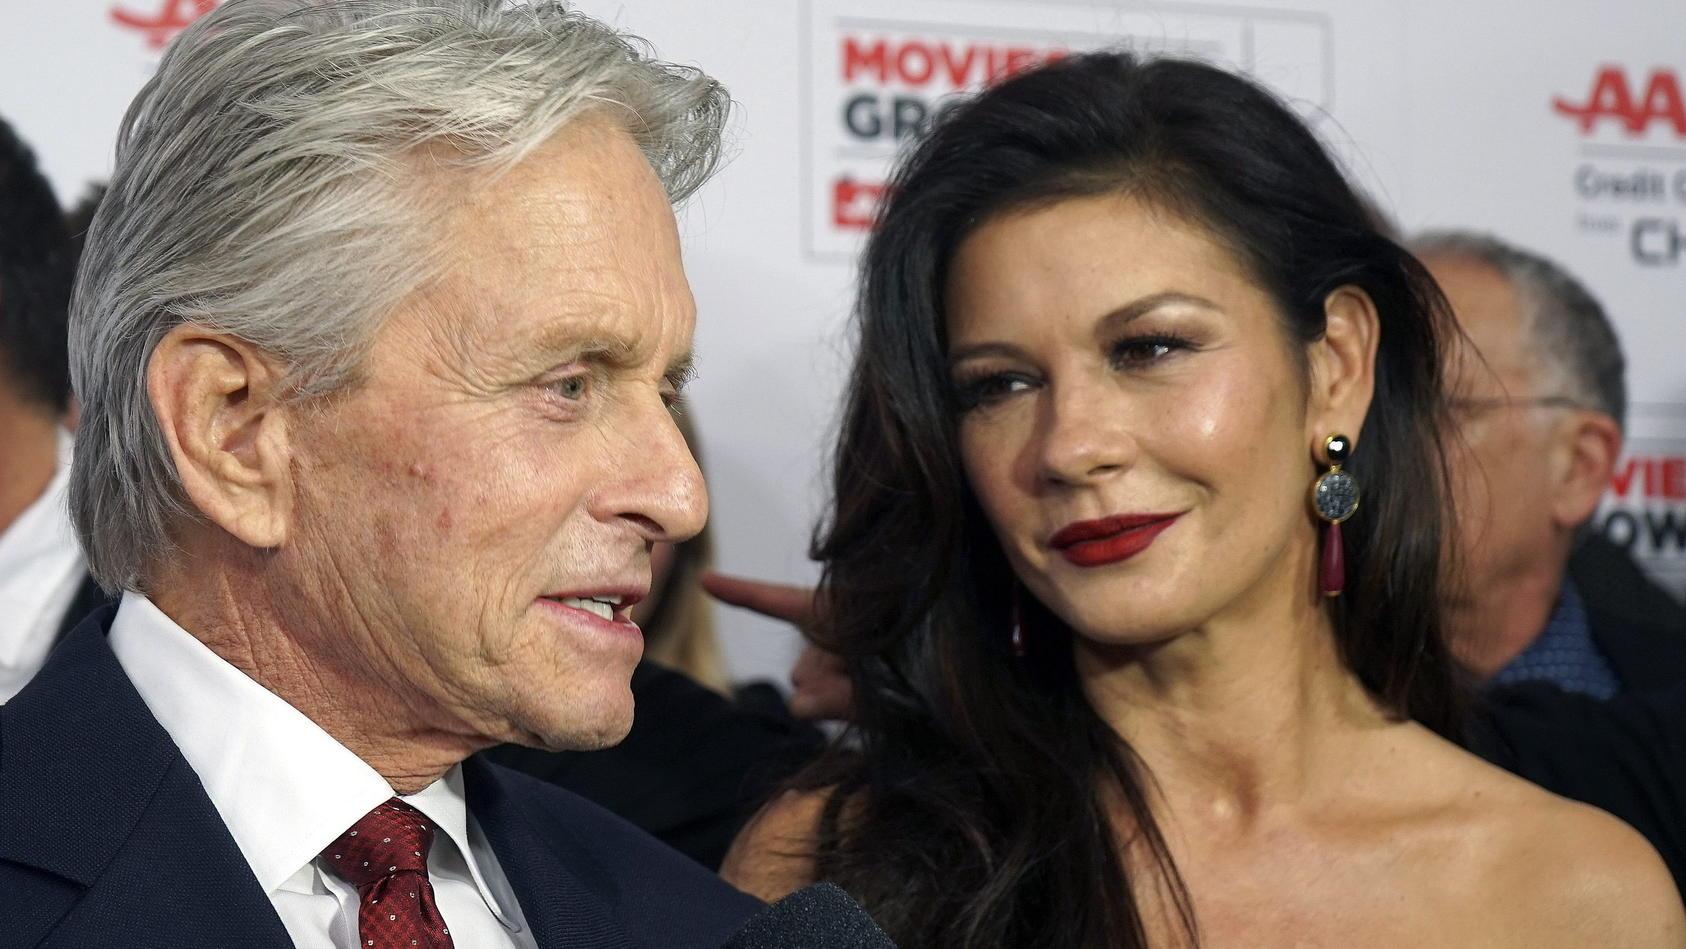 Seit 1998 gemeinsam glücklich: Michael Douglas und Catherine Zeta-Jones